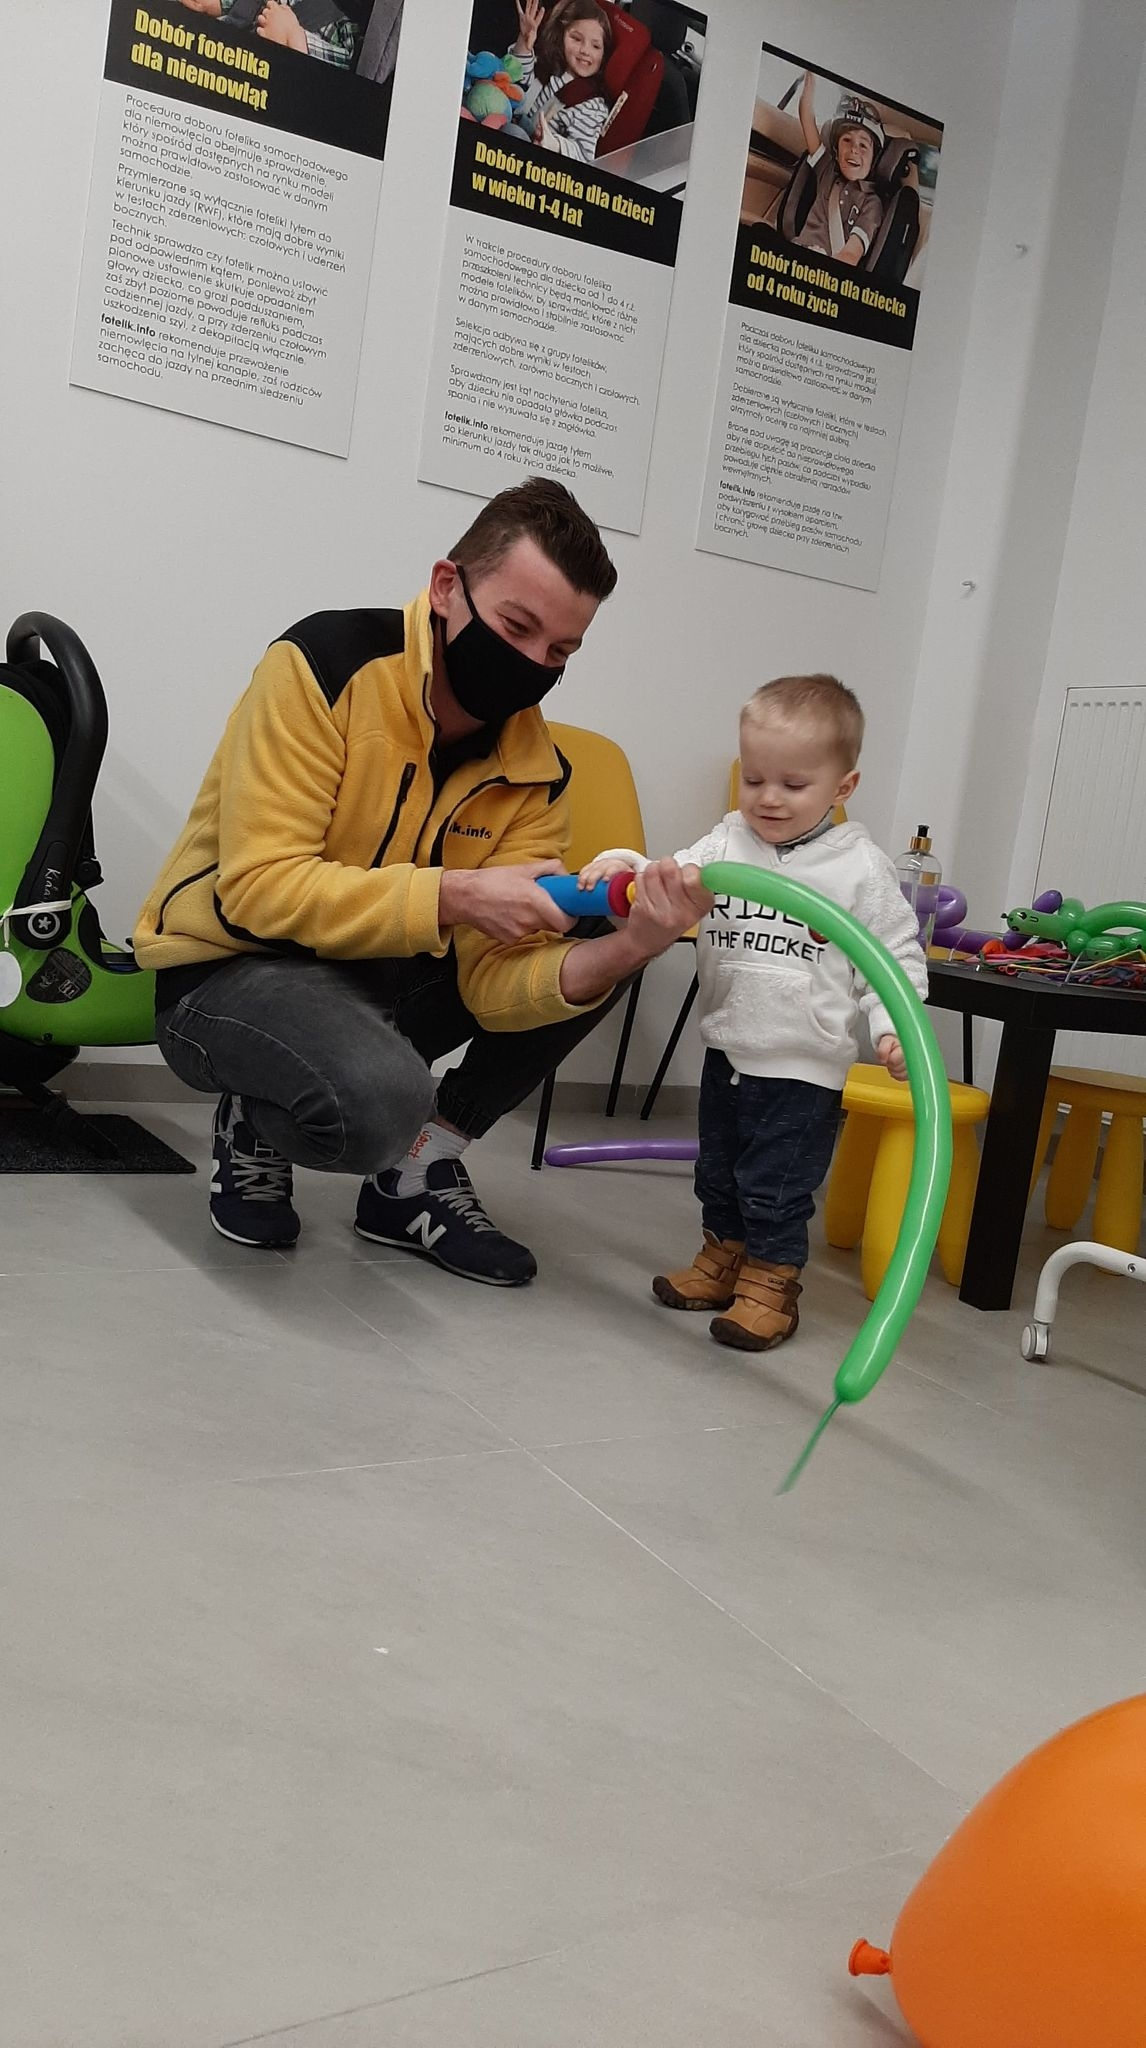 Na zdjęciu technik Mateusz Kolarz! Przyjechał prosto z punktu fotelik.info w Chorzowie i jak widać... dzieci nie odstępują go na krok. Mistrz w robieniu balonowych zwierzaków i dobieraniu fotelików :-)